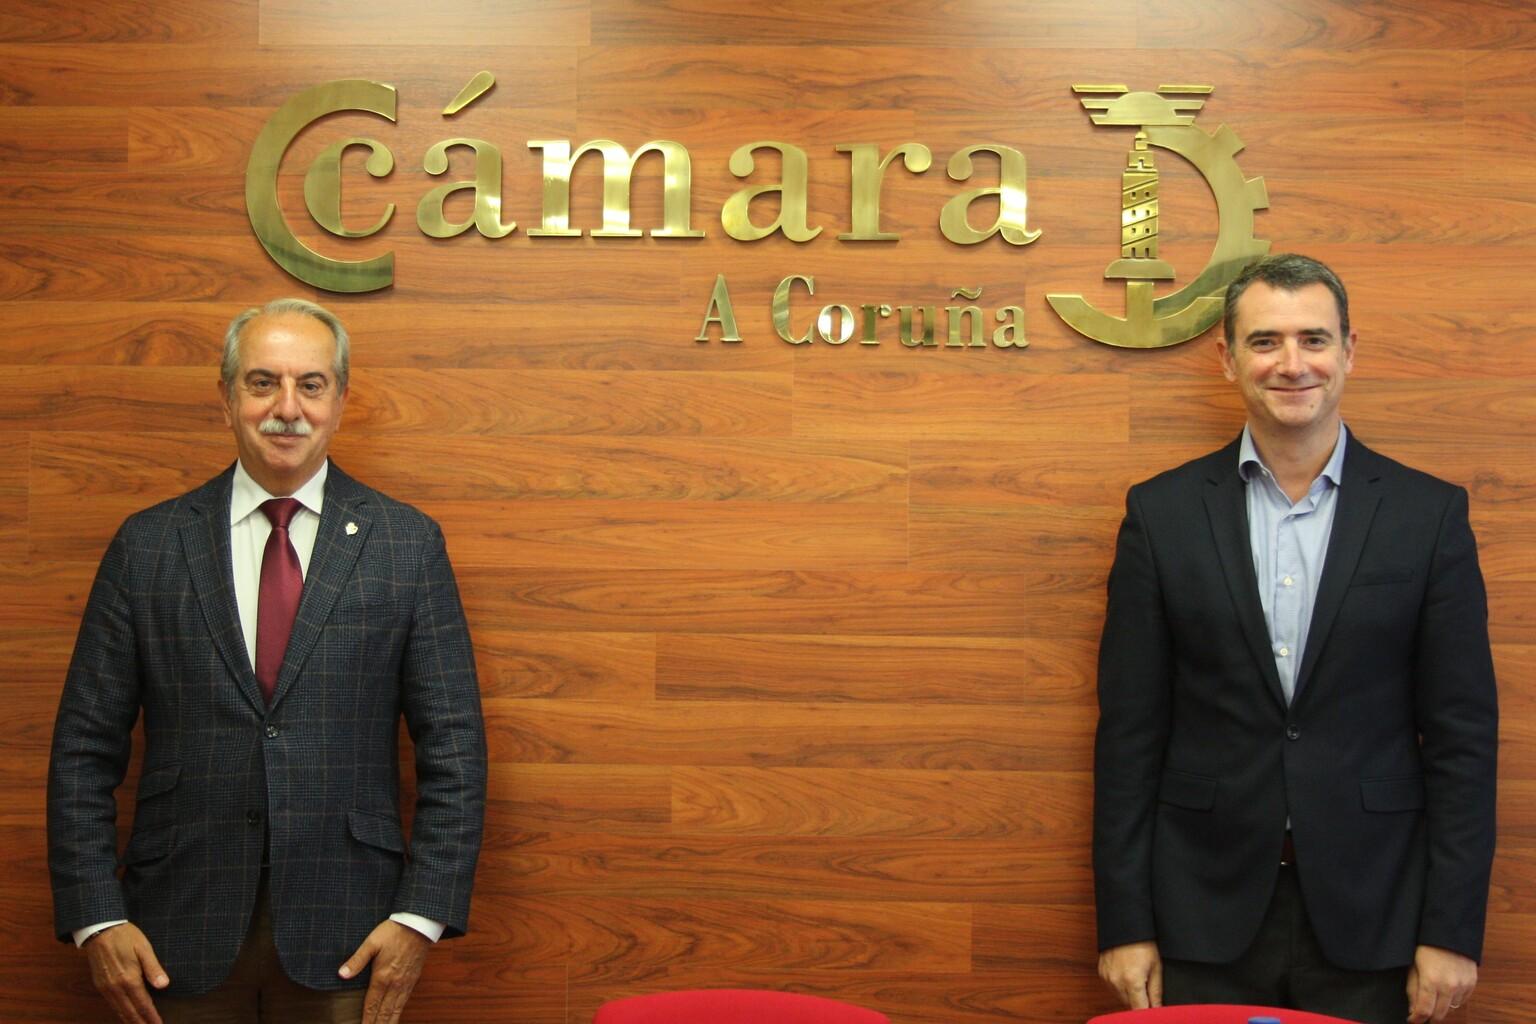 Acuerdo Wolters Kluwer y la Cámara de Comercio de A Coruña